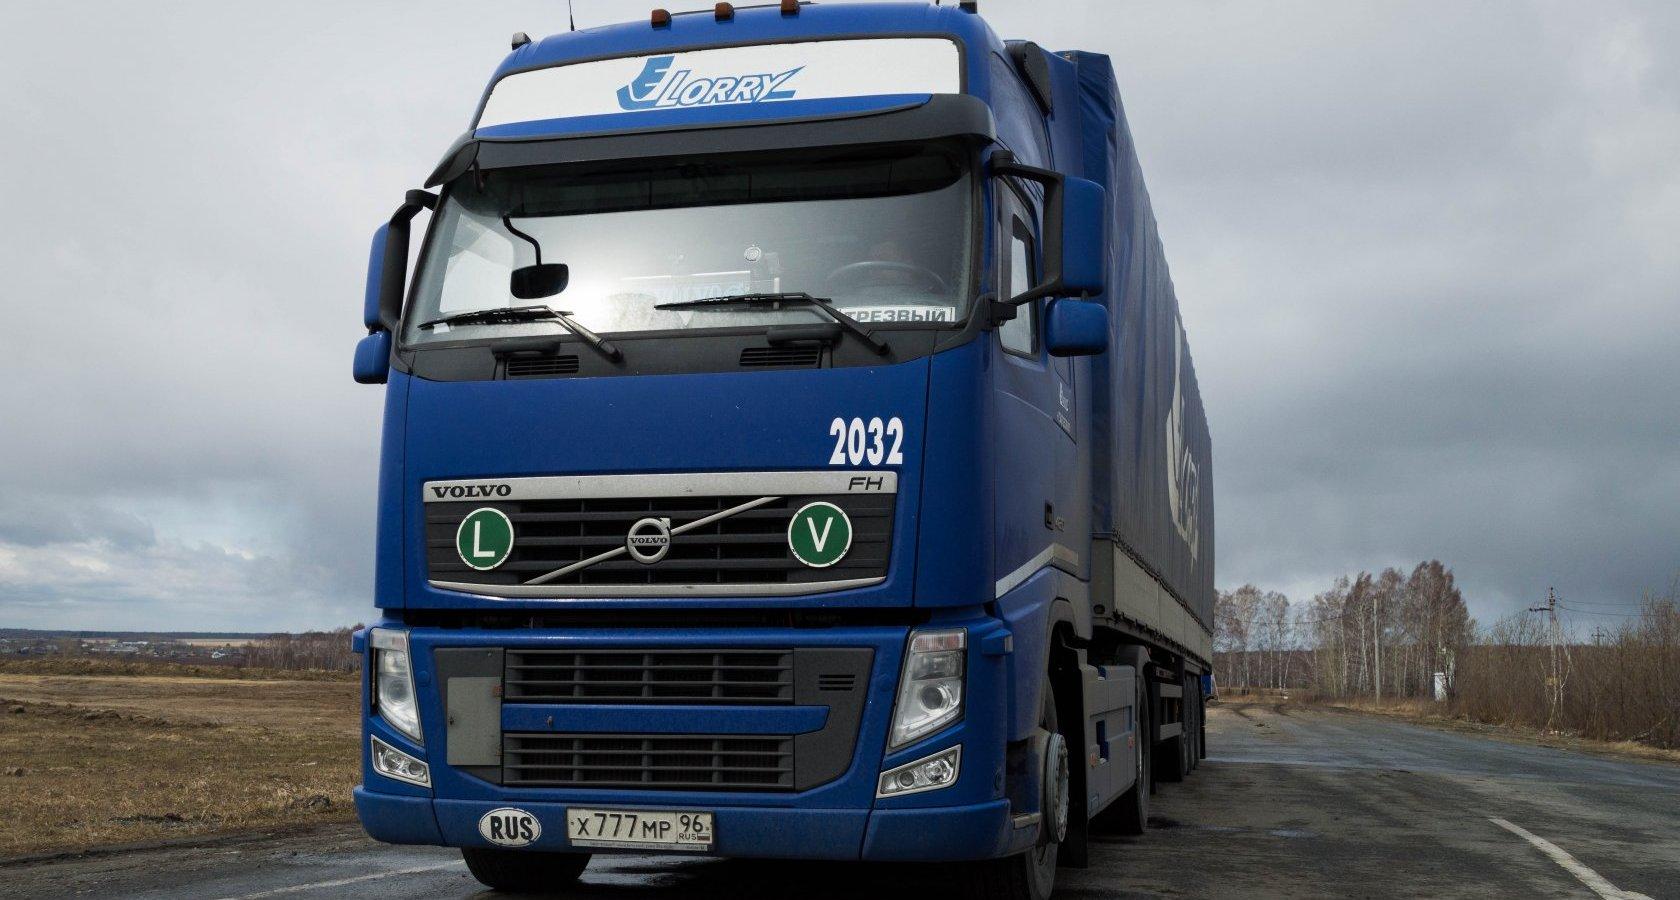 Екатеринбургская компания Lorry— крупнейшее подразделение Globaltruck (фото: Globaltruck)